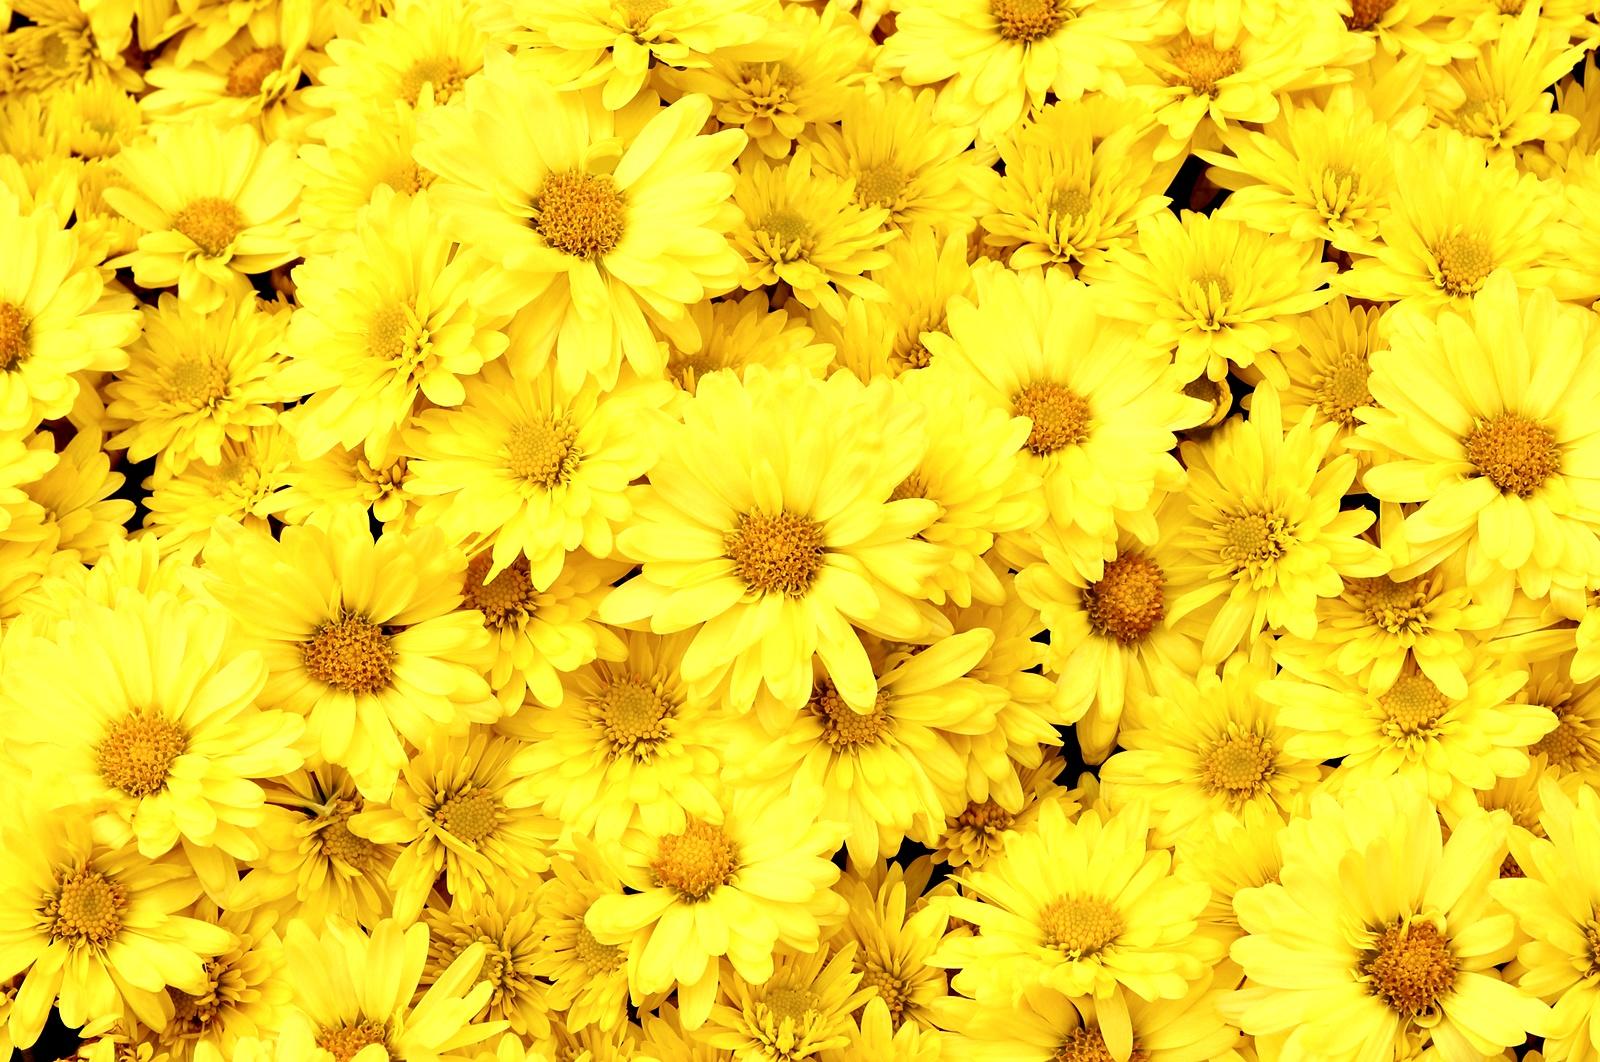 """Жълто<br /> Докато обичайно жълтото се свързва с енергия и щастие, във Франция то носи смисъла на завист и предателство. В Китай всичко порнографско е считано за """"жълто"""", а в Африка и Тайланд жълтото е символ на висок социален или кралски статус."""